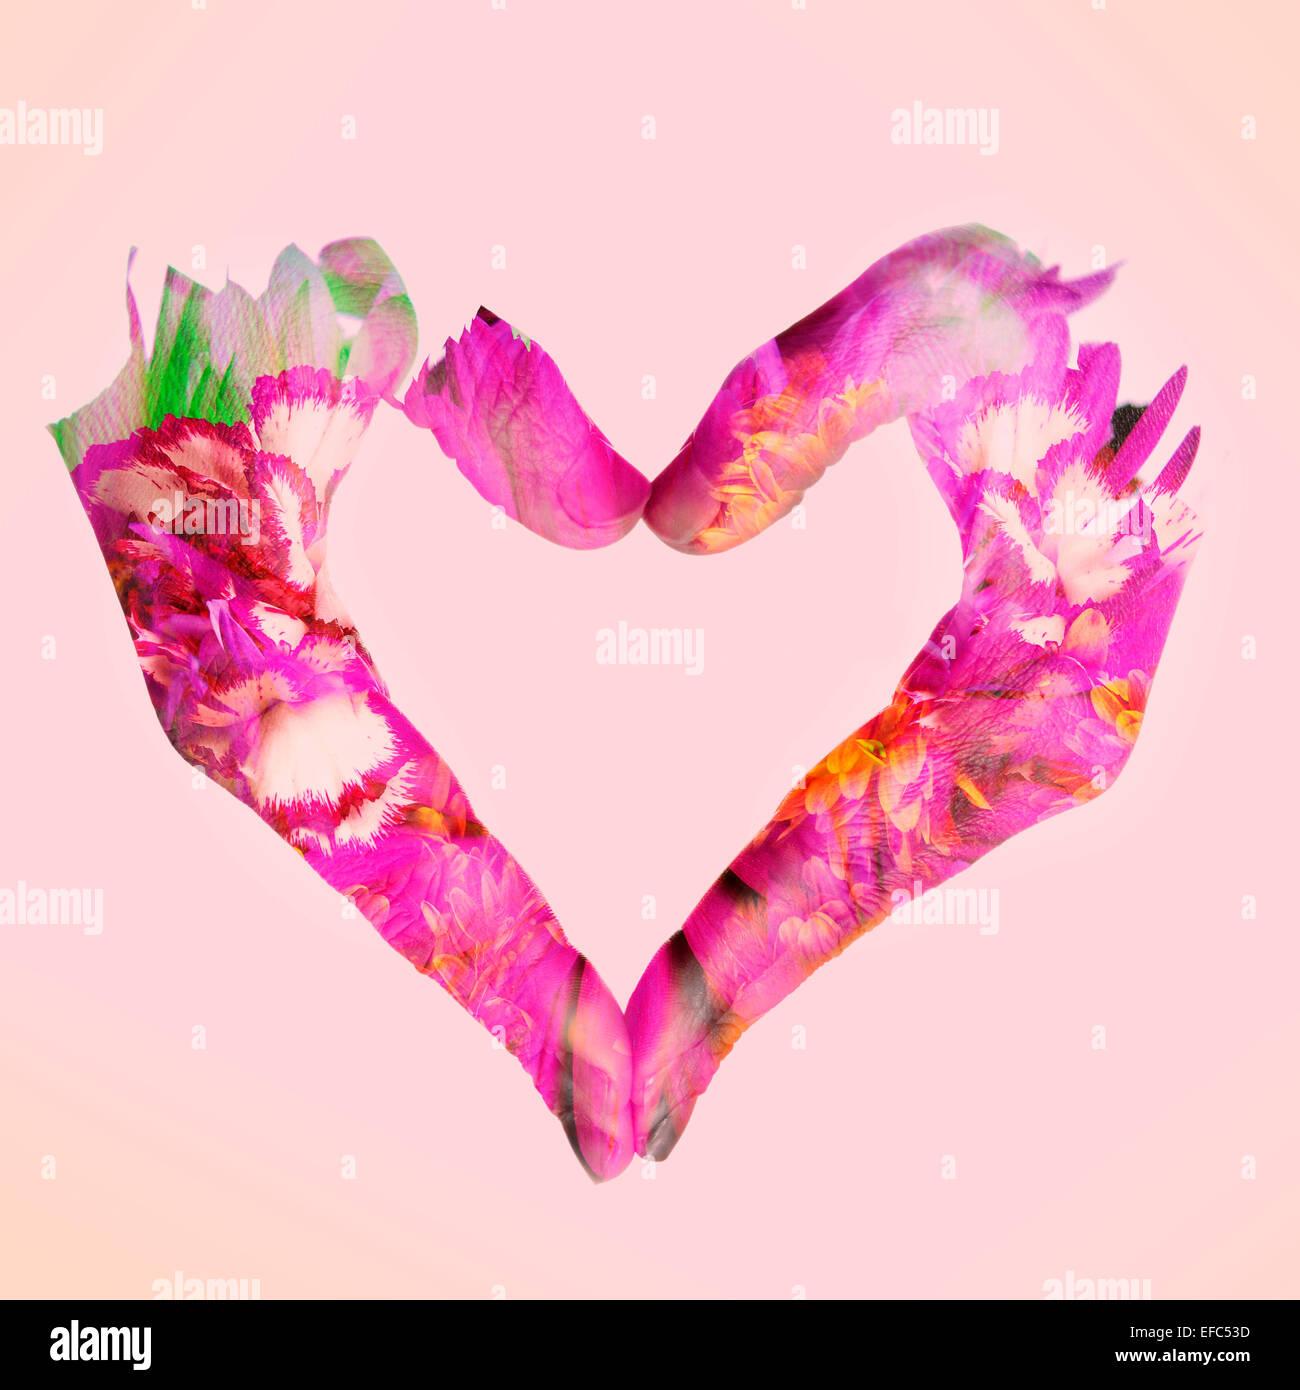 Doppia esposizione della donna le mani formando un cuore e Fiori su fondo rosa Immagini Stock